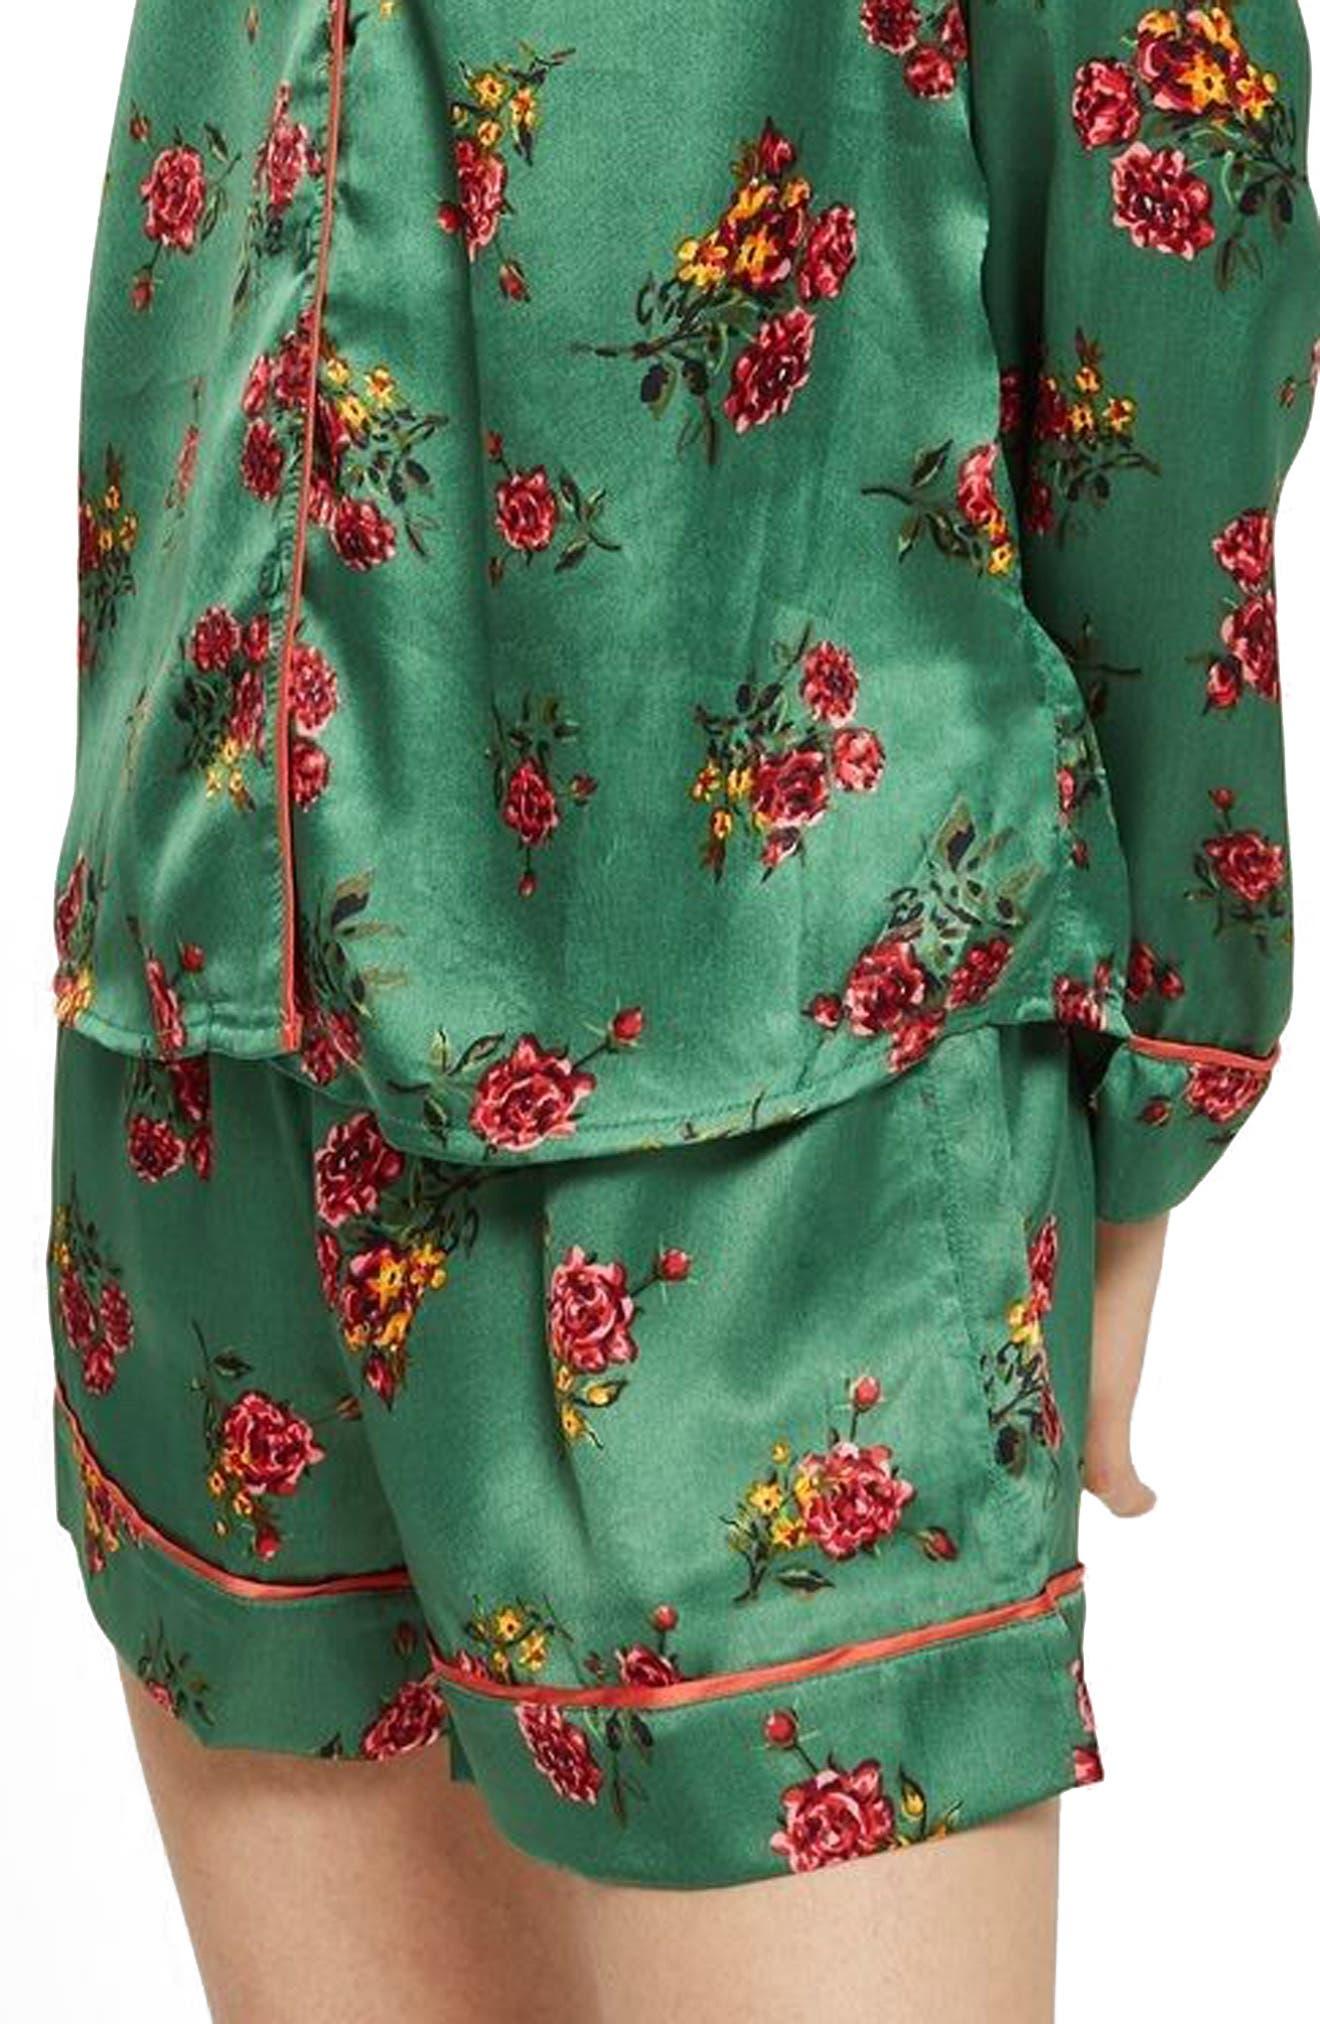 Floral Print Pajama Shorts,                             Main thumbnail 1, color,                             Bright Green Multi